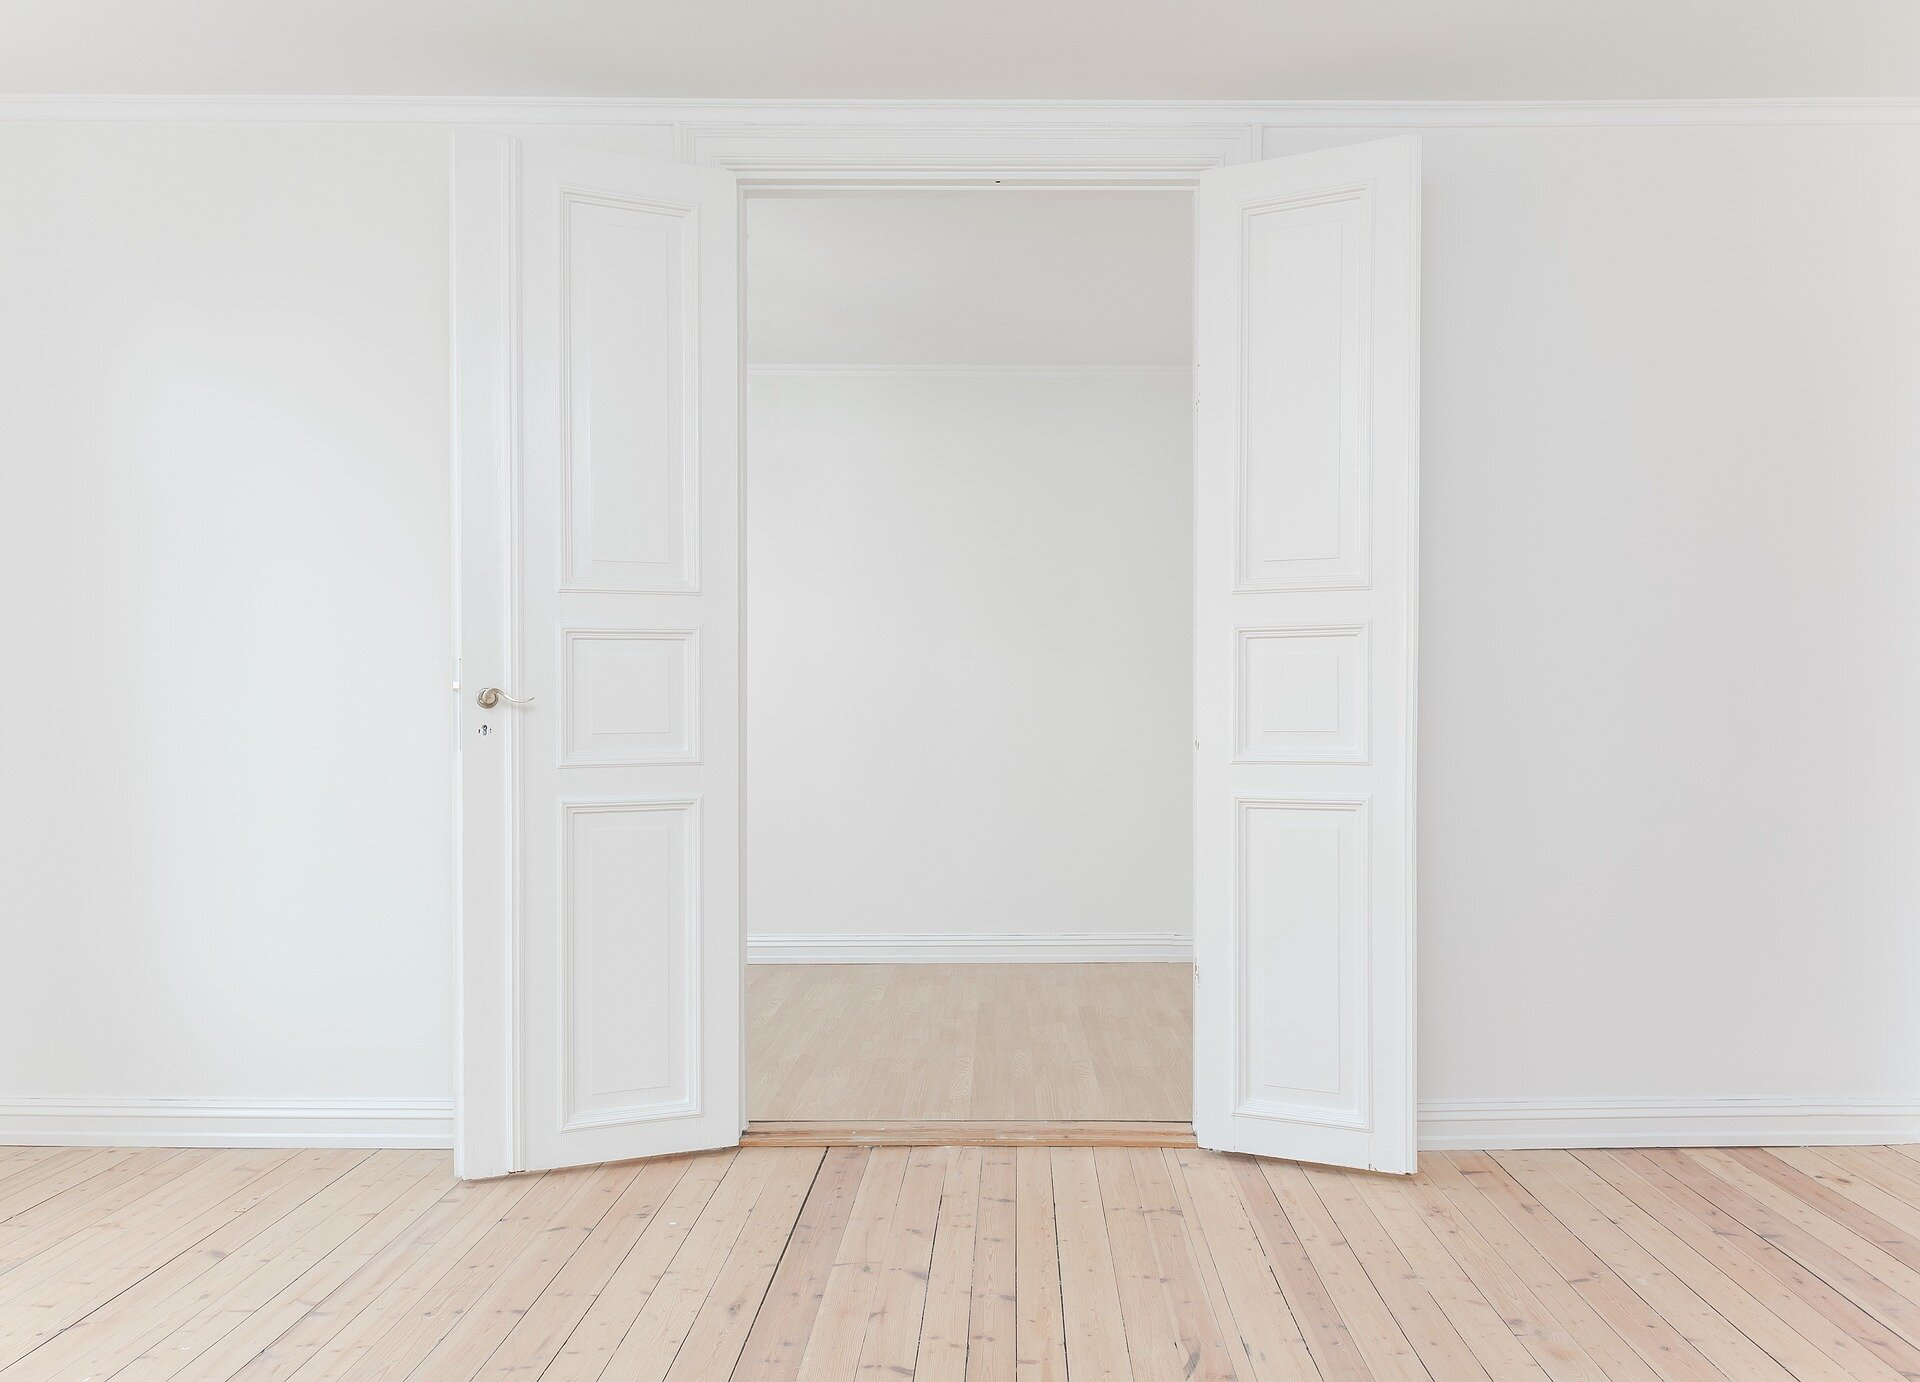 Podloga drewno czy panele